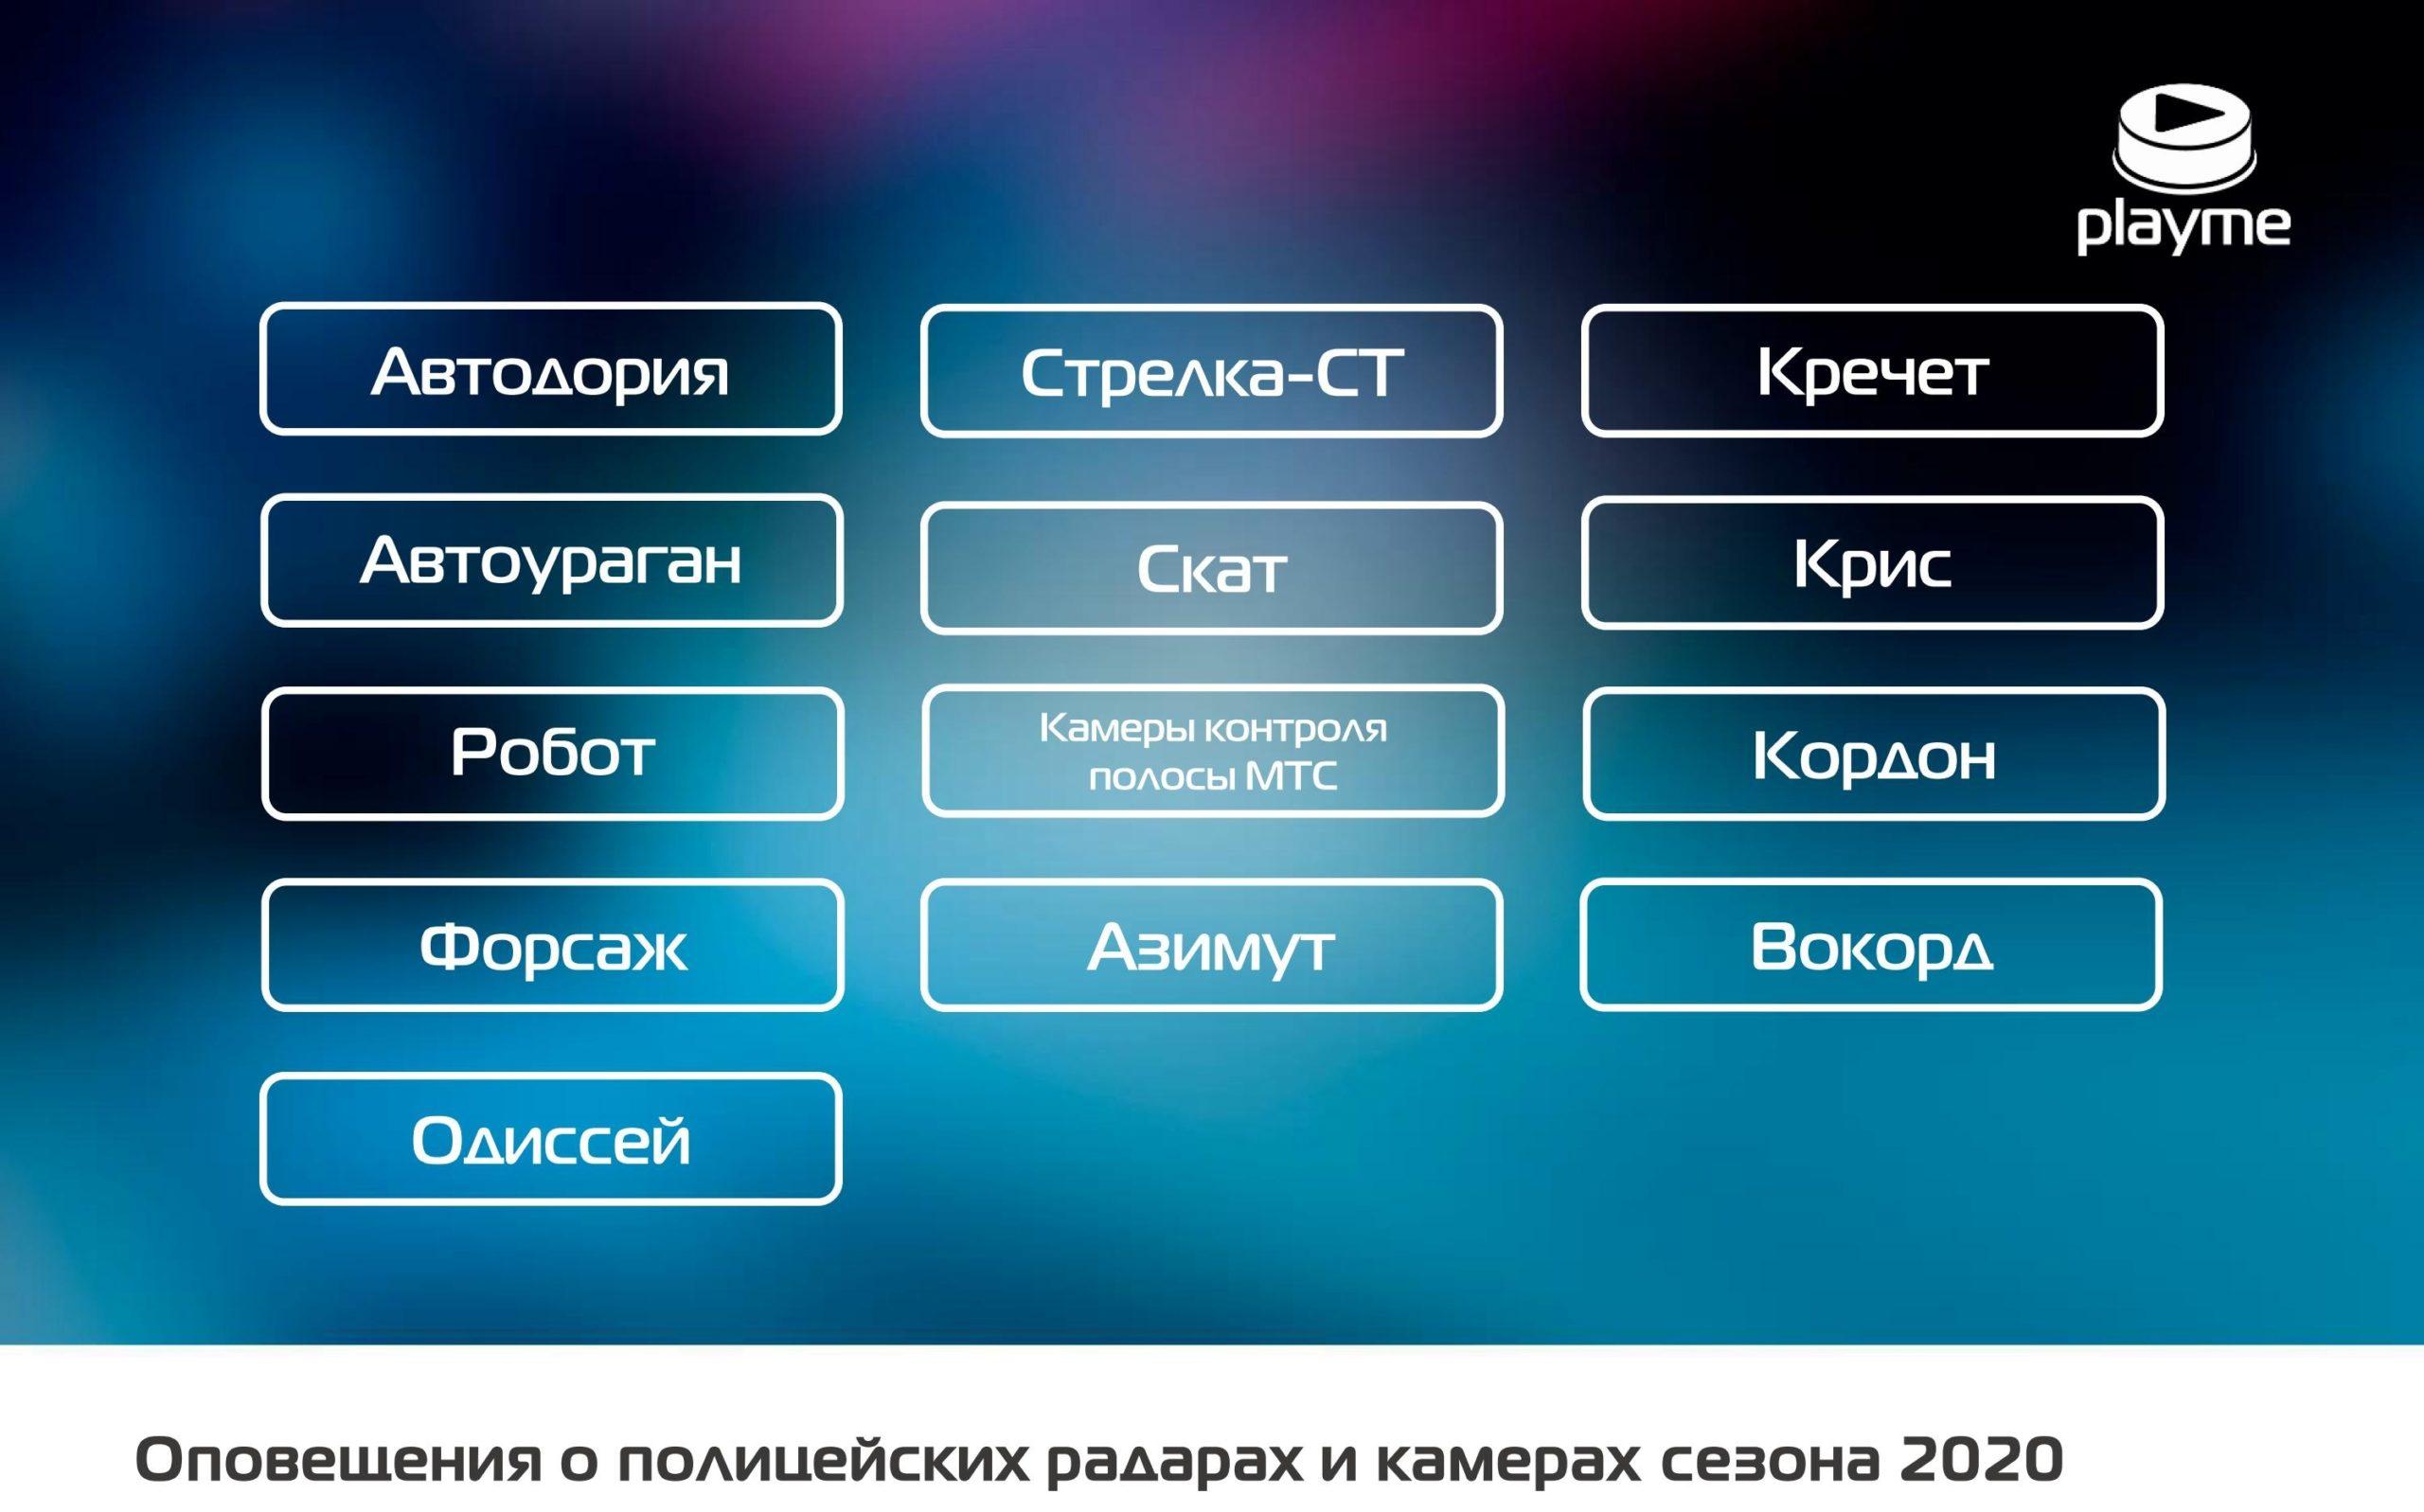 35bdf578 fe8a 42fc 8701 4e2045e1f259 scaled VideoregObzor Новый видеорегистратор Playme TIO S доступен к заказу